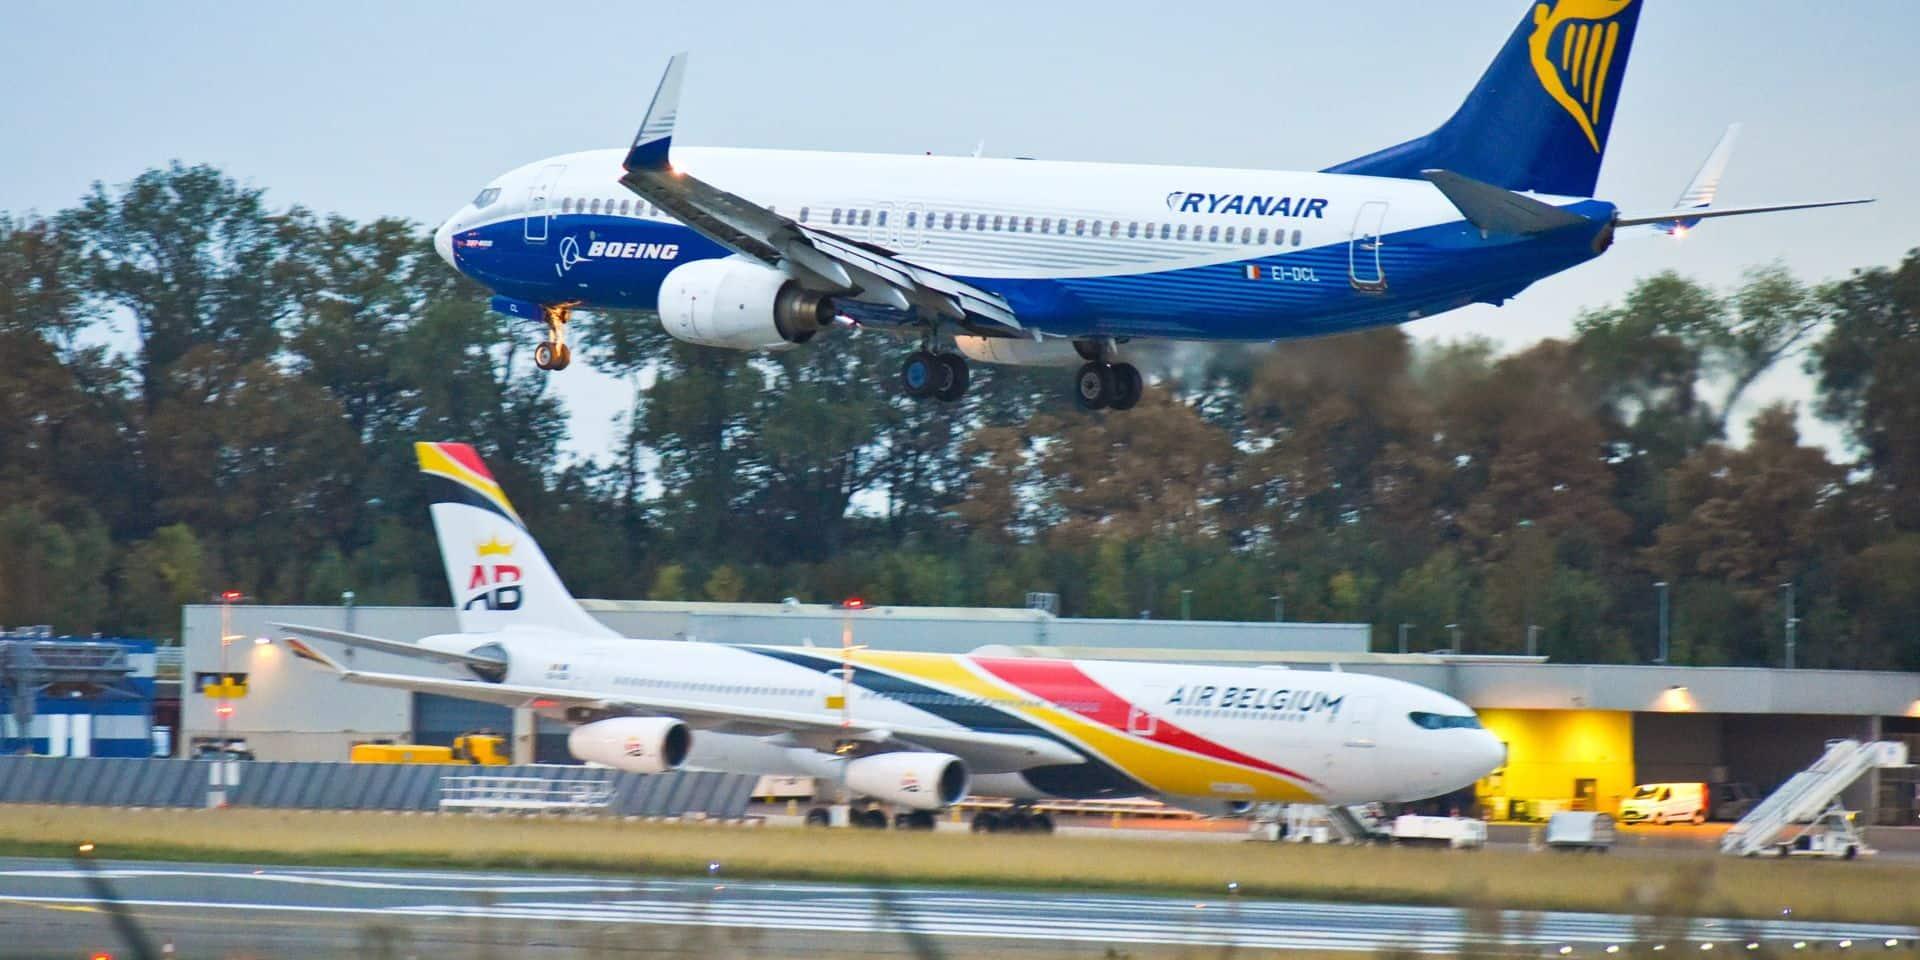 Bonne nouvelle pour la compagnie Air Belgium: la Martinique et la Guadeloupe repassent en zone orange